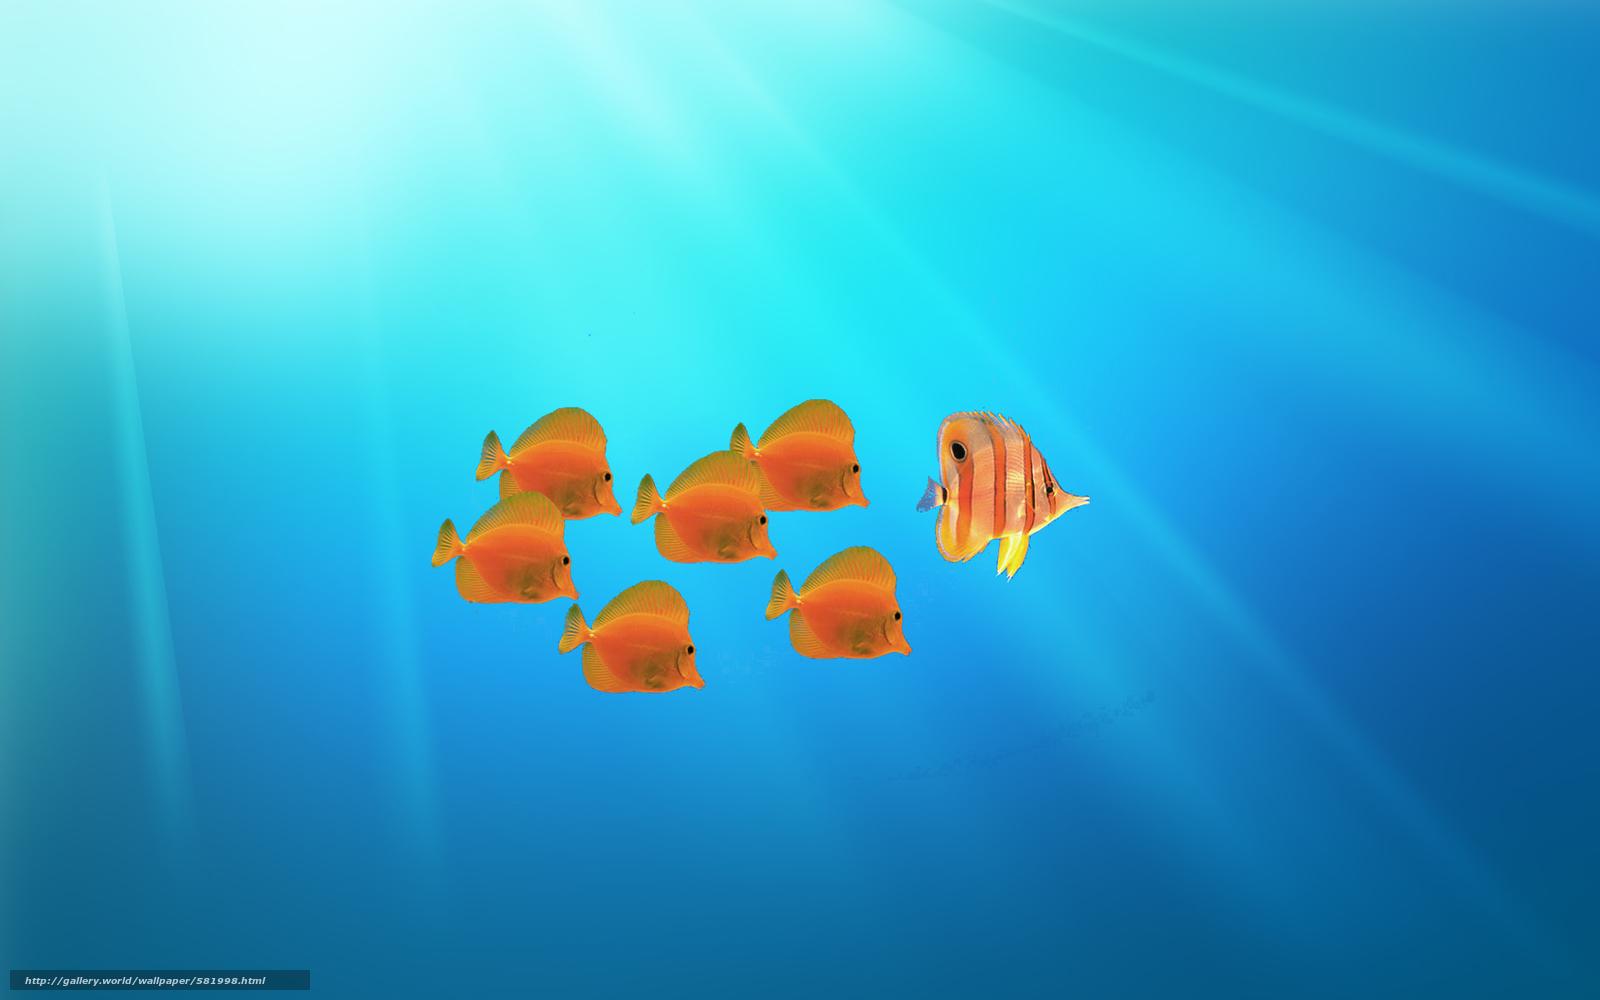 Tlcharger fond d 39 ecran abstraction poisson 3d art fonds d 39 ecran gratuits pour votre rsolution - Follow wallpaper ...